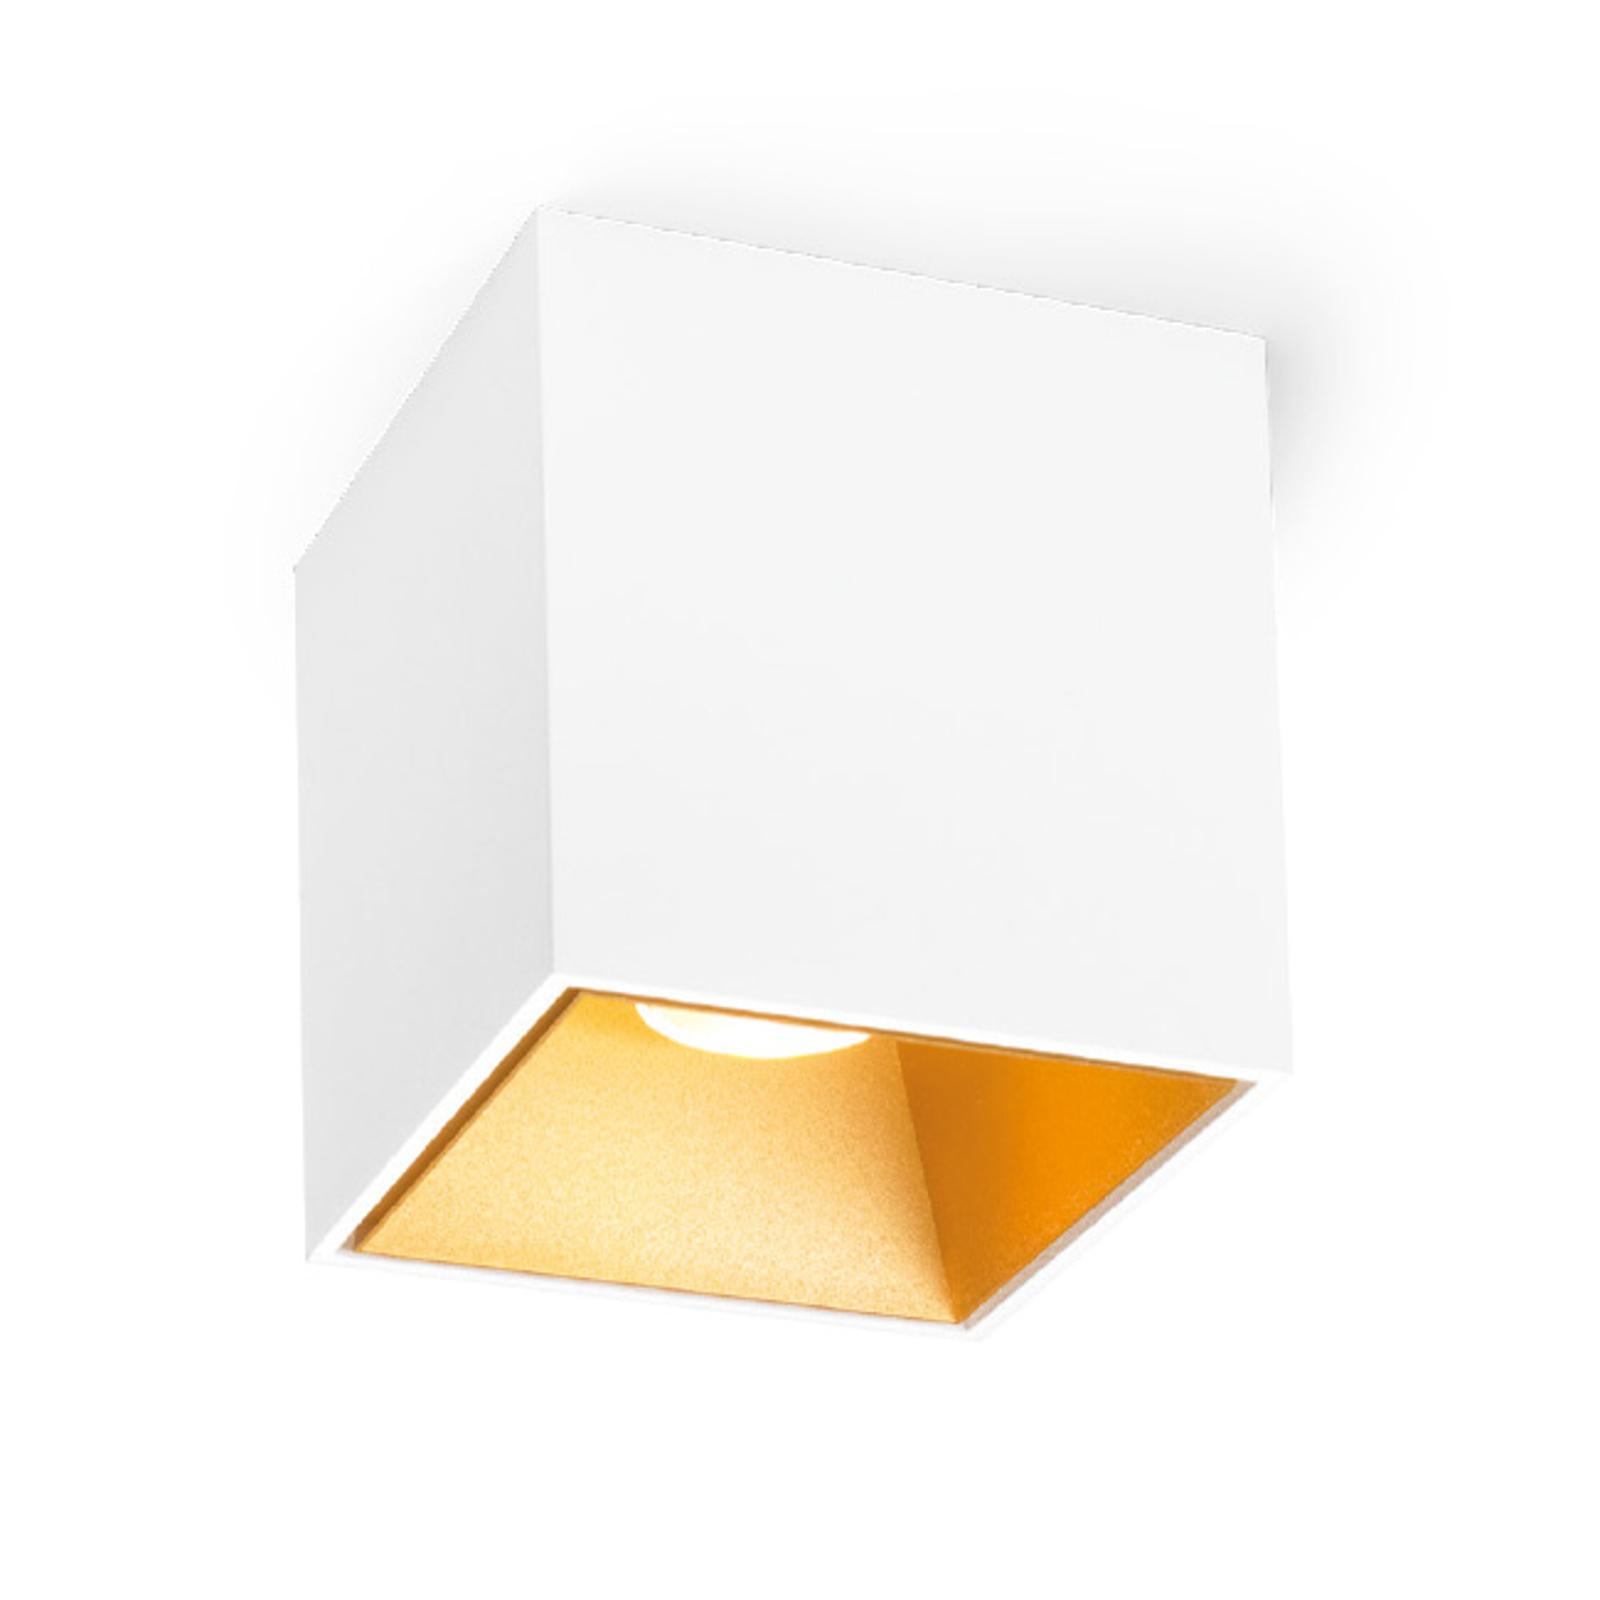 WEVER & DUCRÉ Box indre reflektor, gull